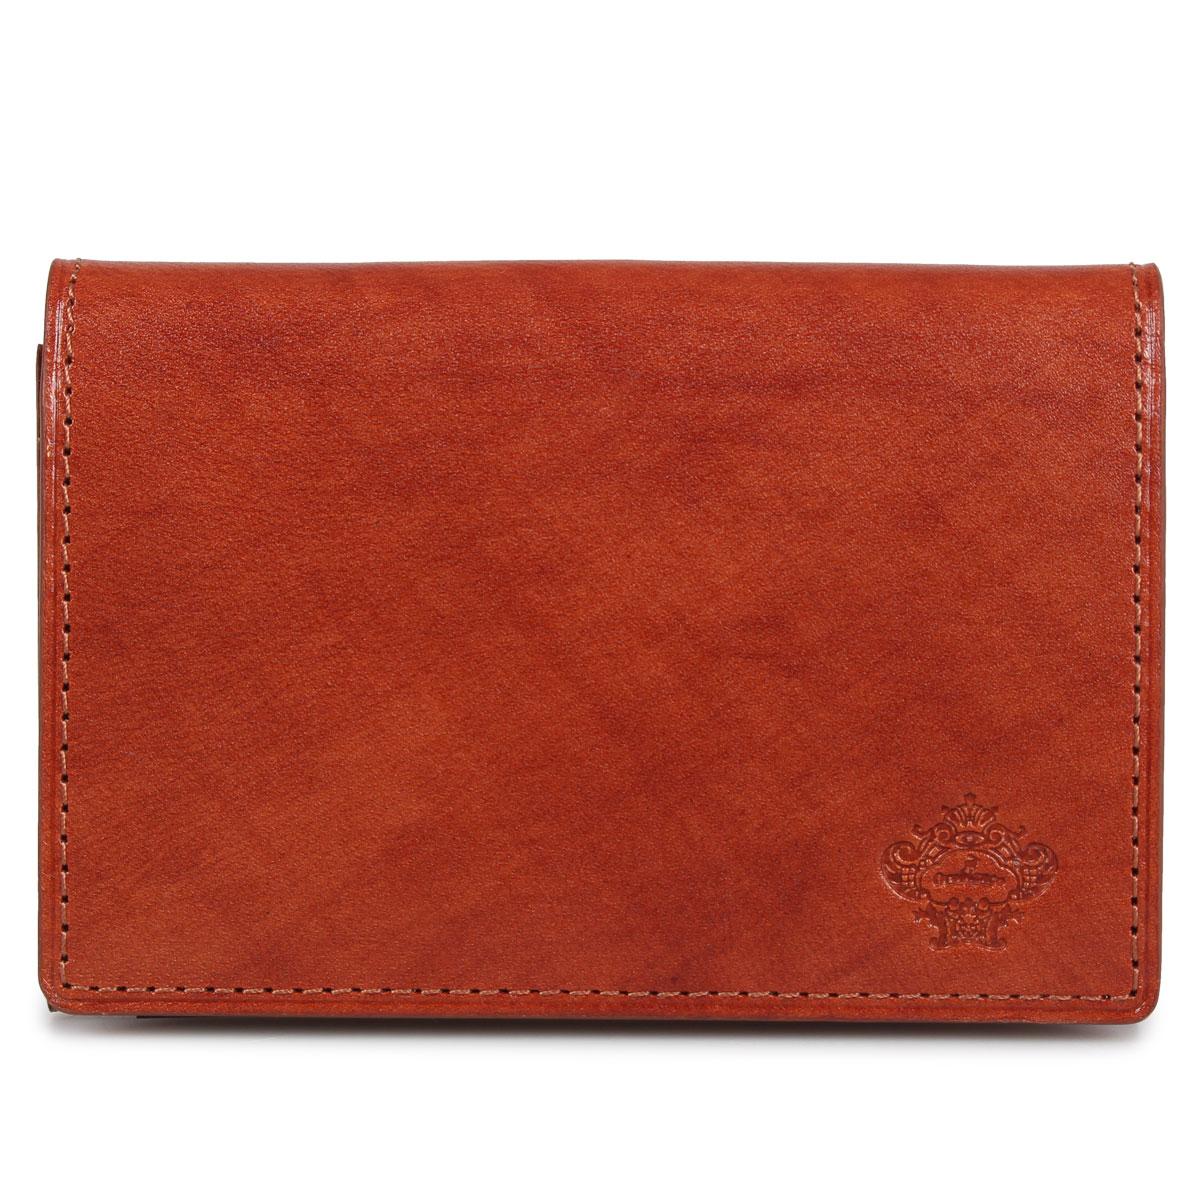 Orobianco BUSINESS CARD HOLDER オロビアンコ カードケース 名刺入れ 定期入れ メンズ ブラック ブラウン 黒 ORS-011508